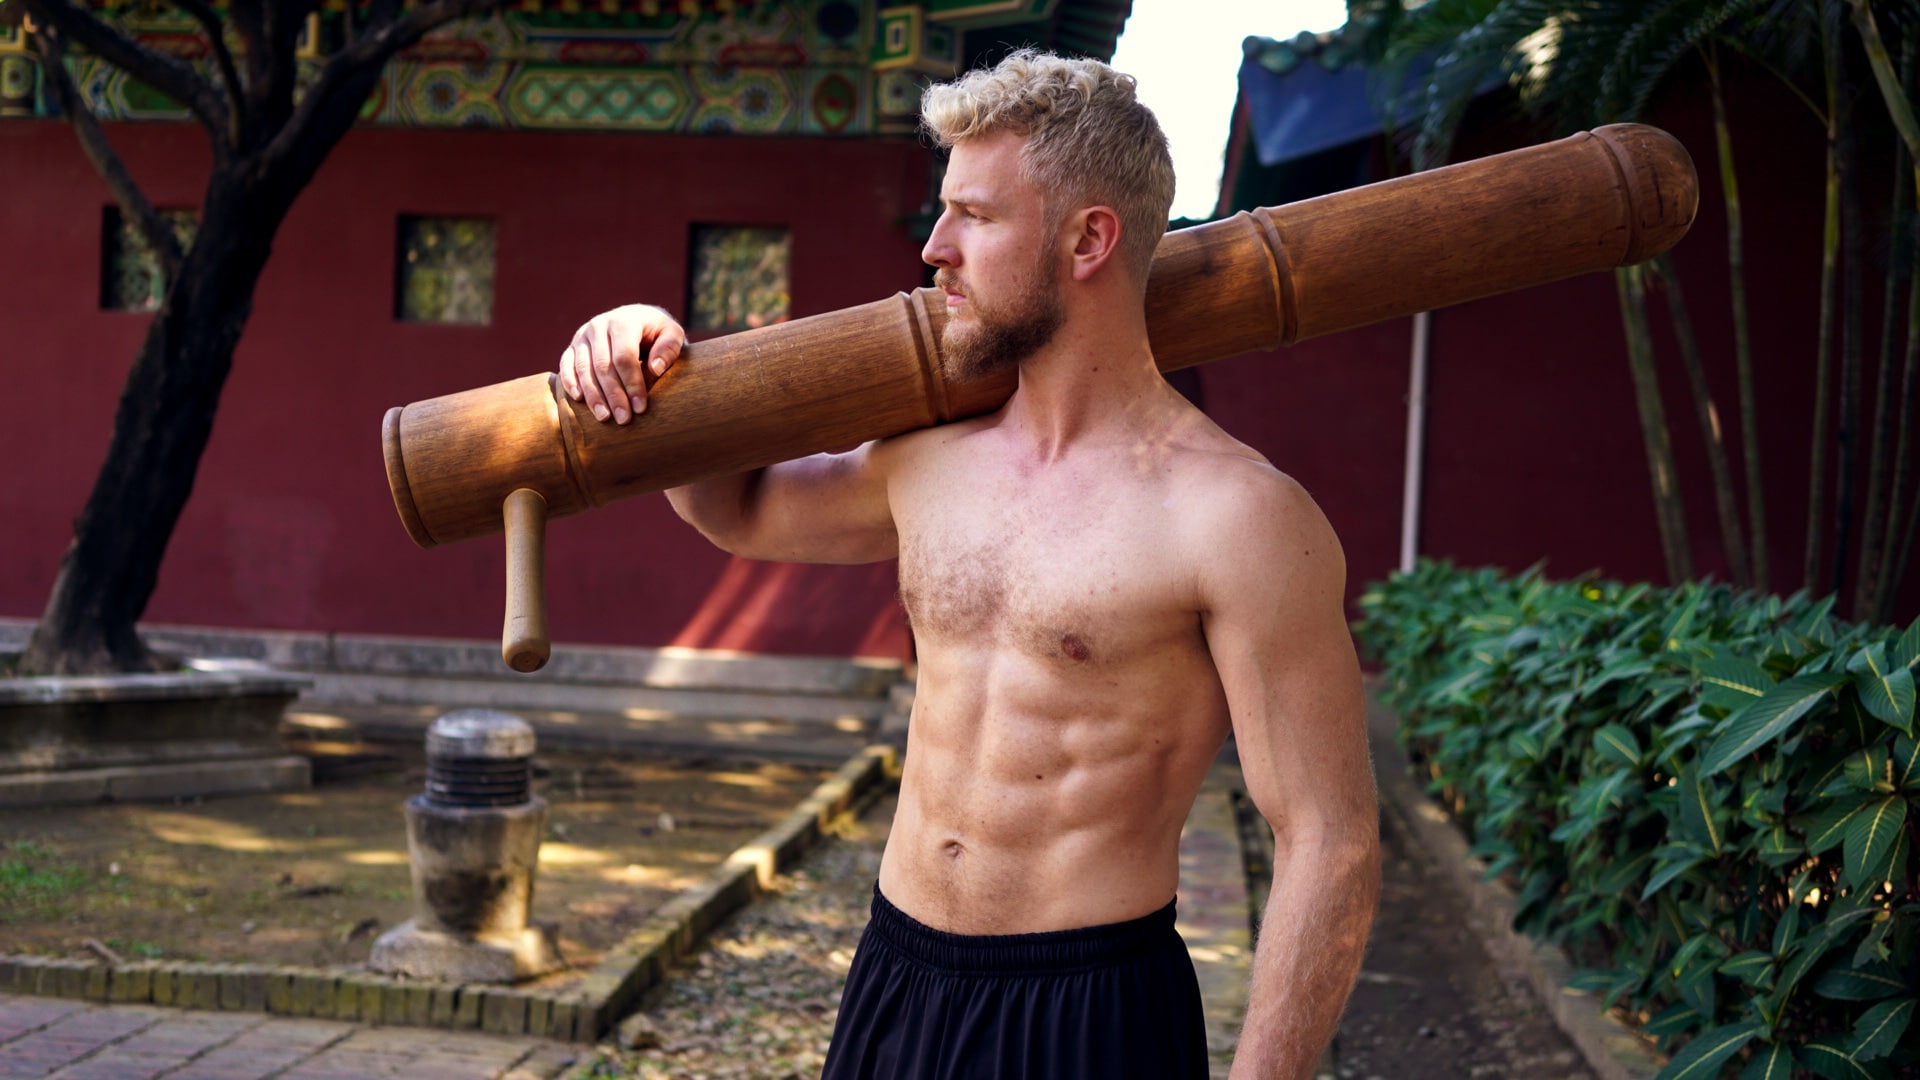 eero is carrying wood kung fu